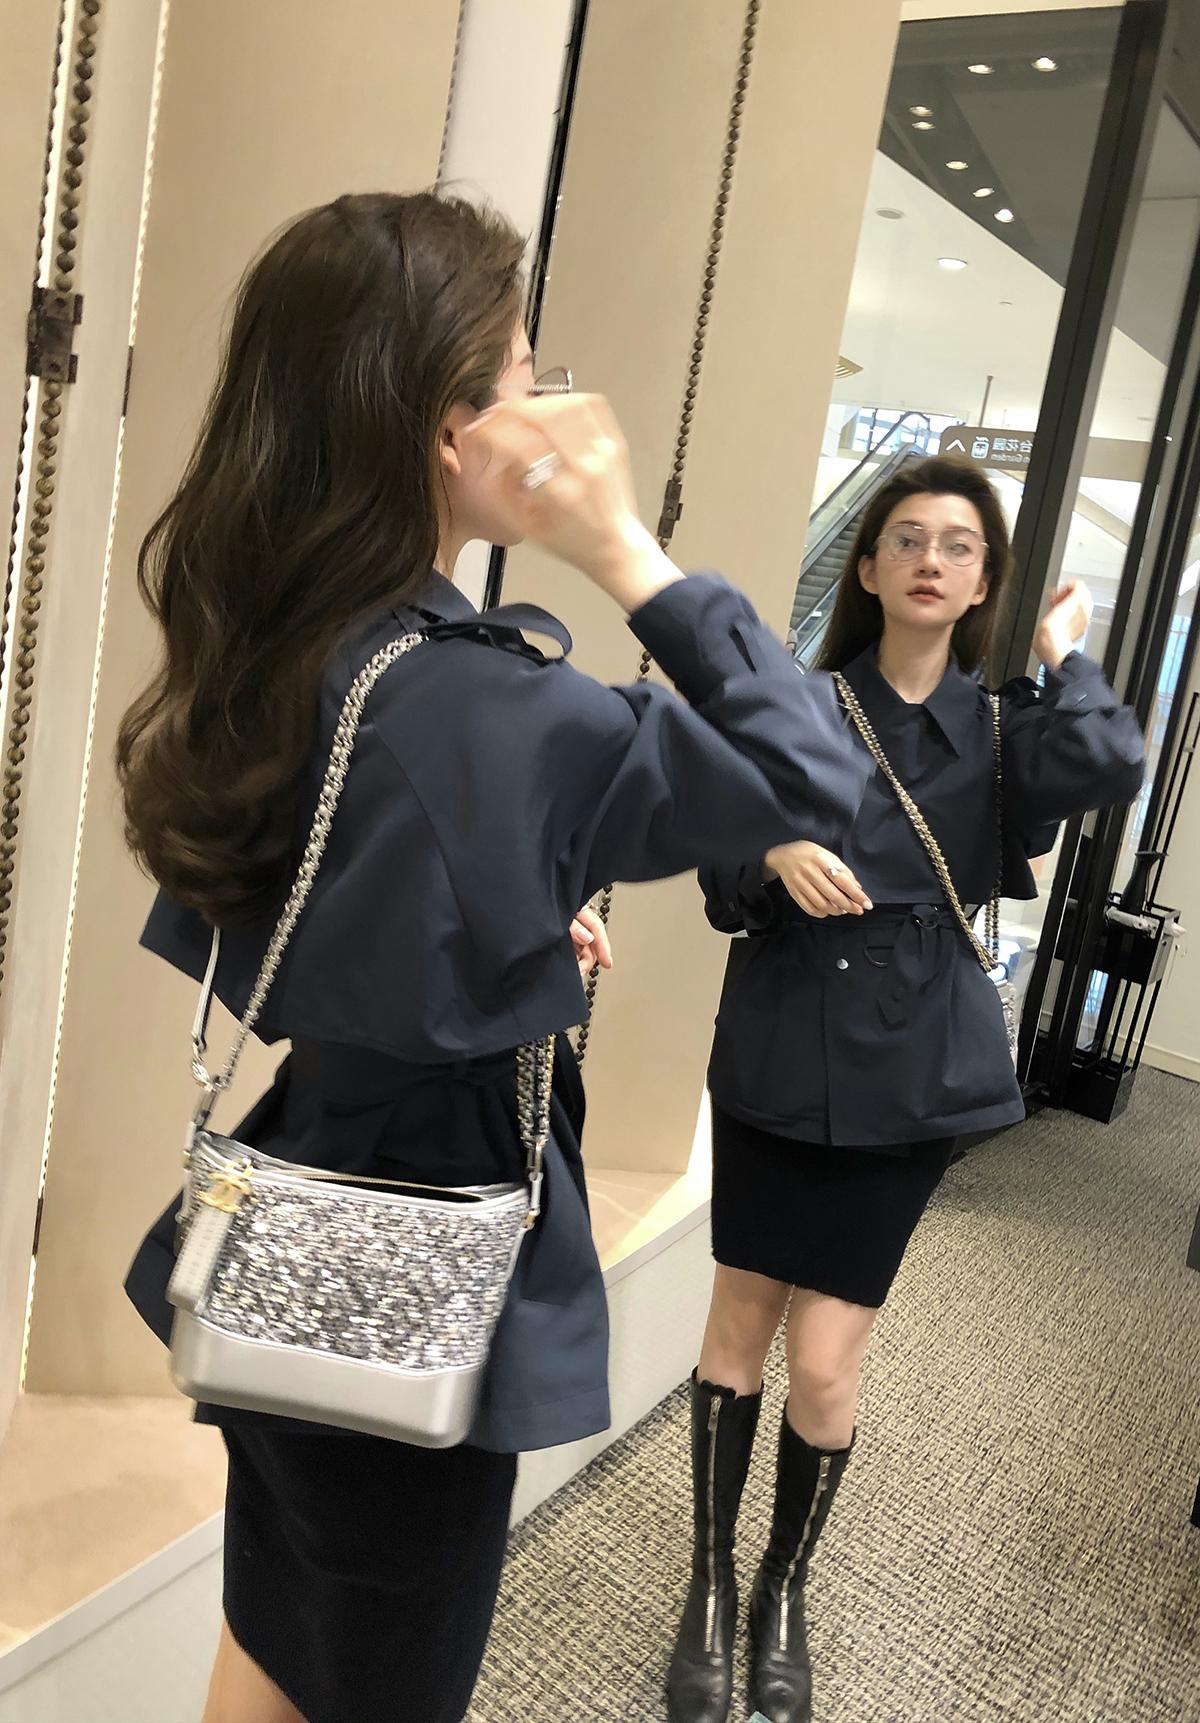 THEHANDLE/居 *巴黎丽兹短款风衣女韩版宽松系带腰设计感秋季外套